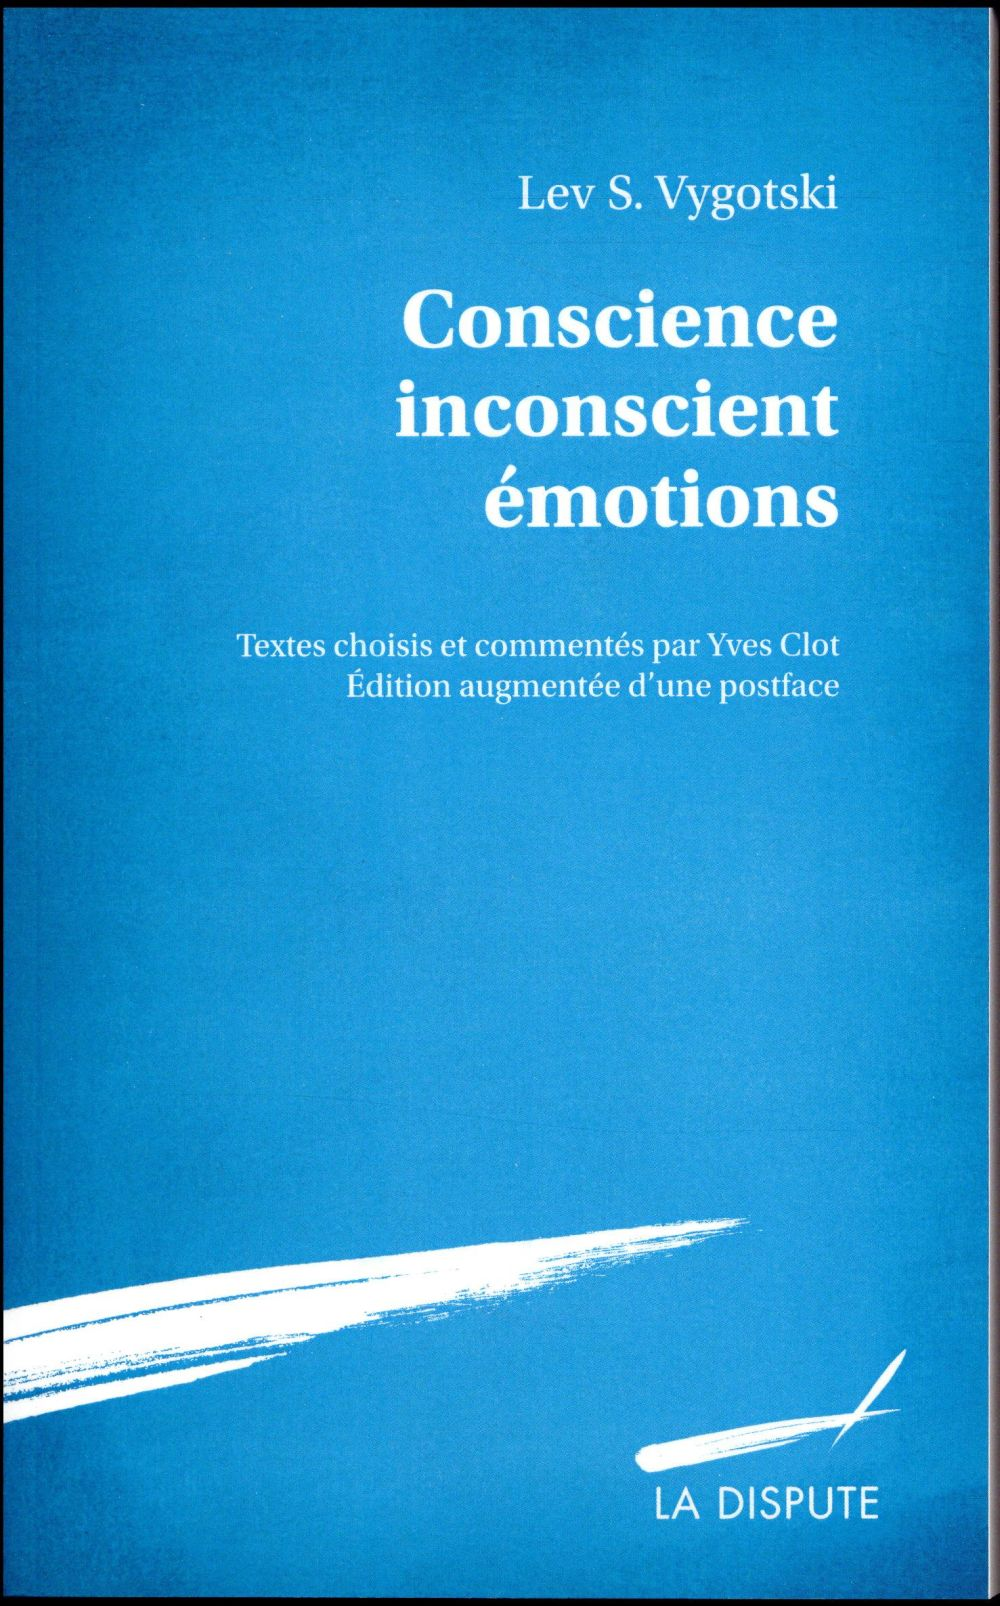 Conscience, inconscient, émotions